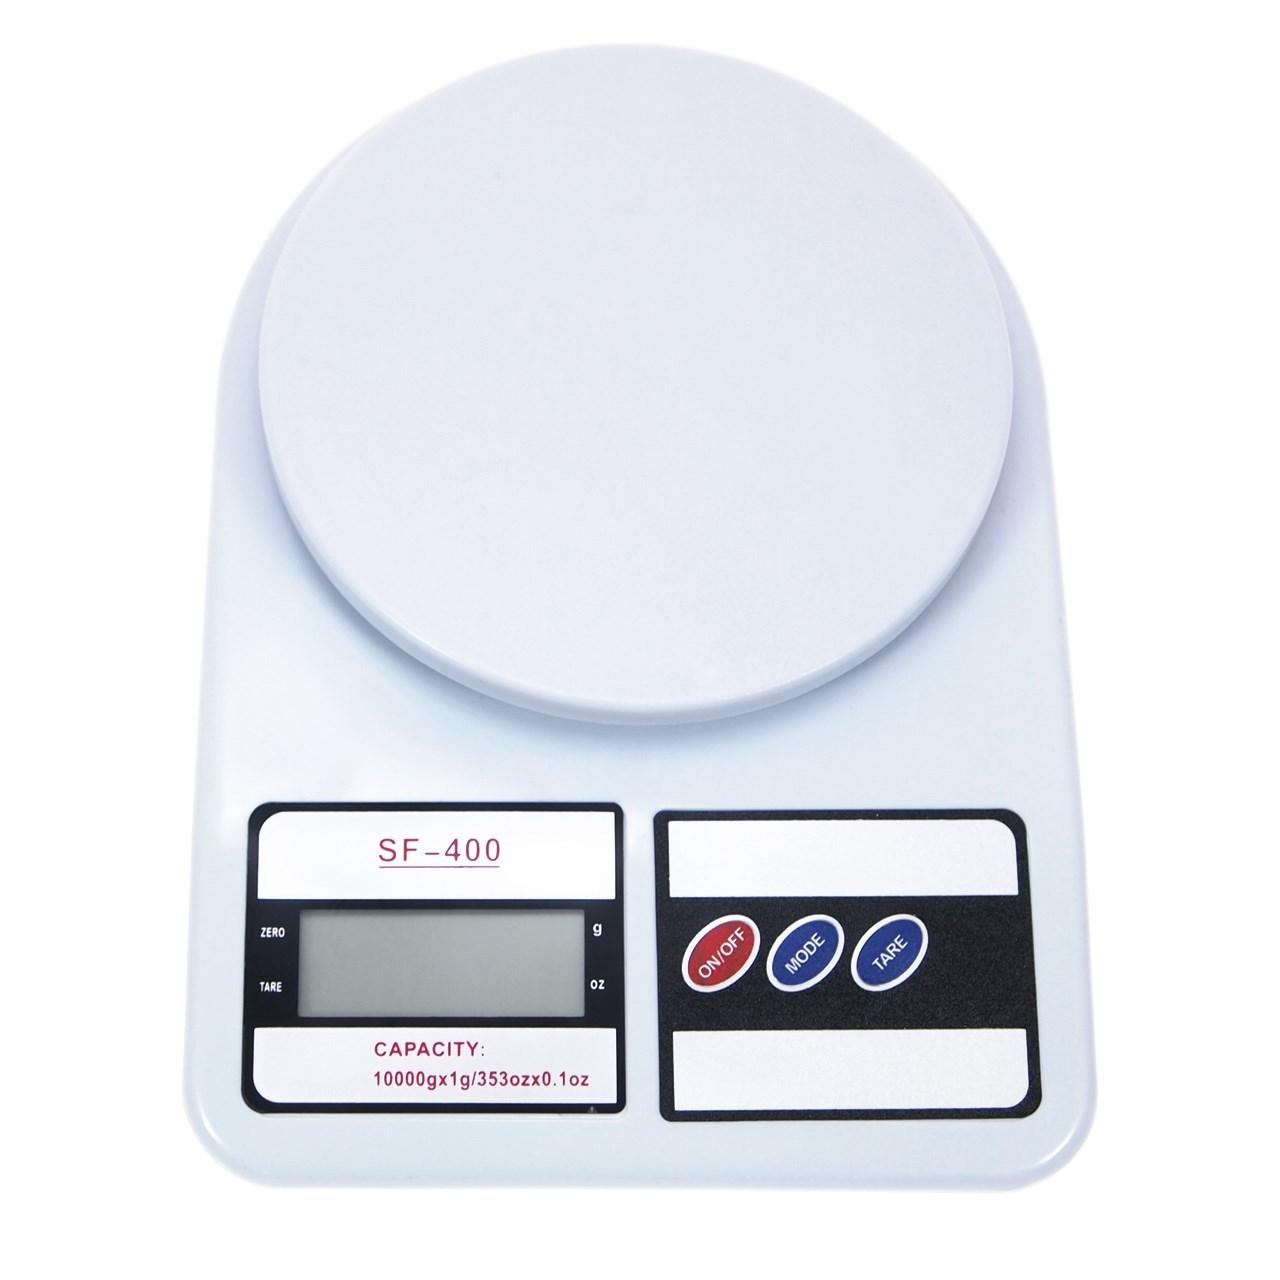 ترازو آشپزخانه الکترونیک مدل SF-400 ظرفیت ۱۰ کیلوگرم